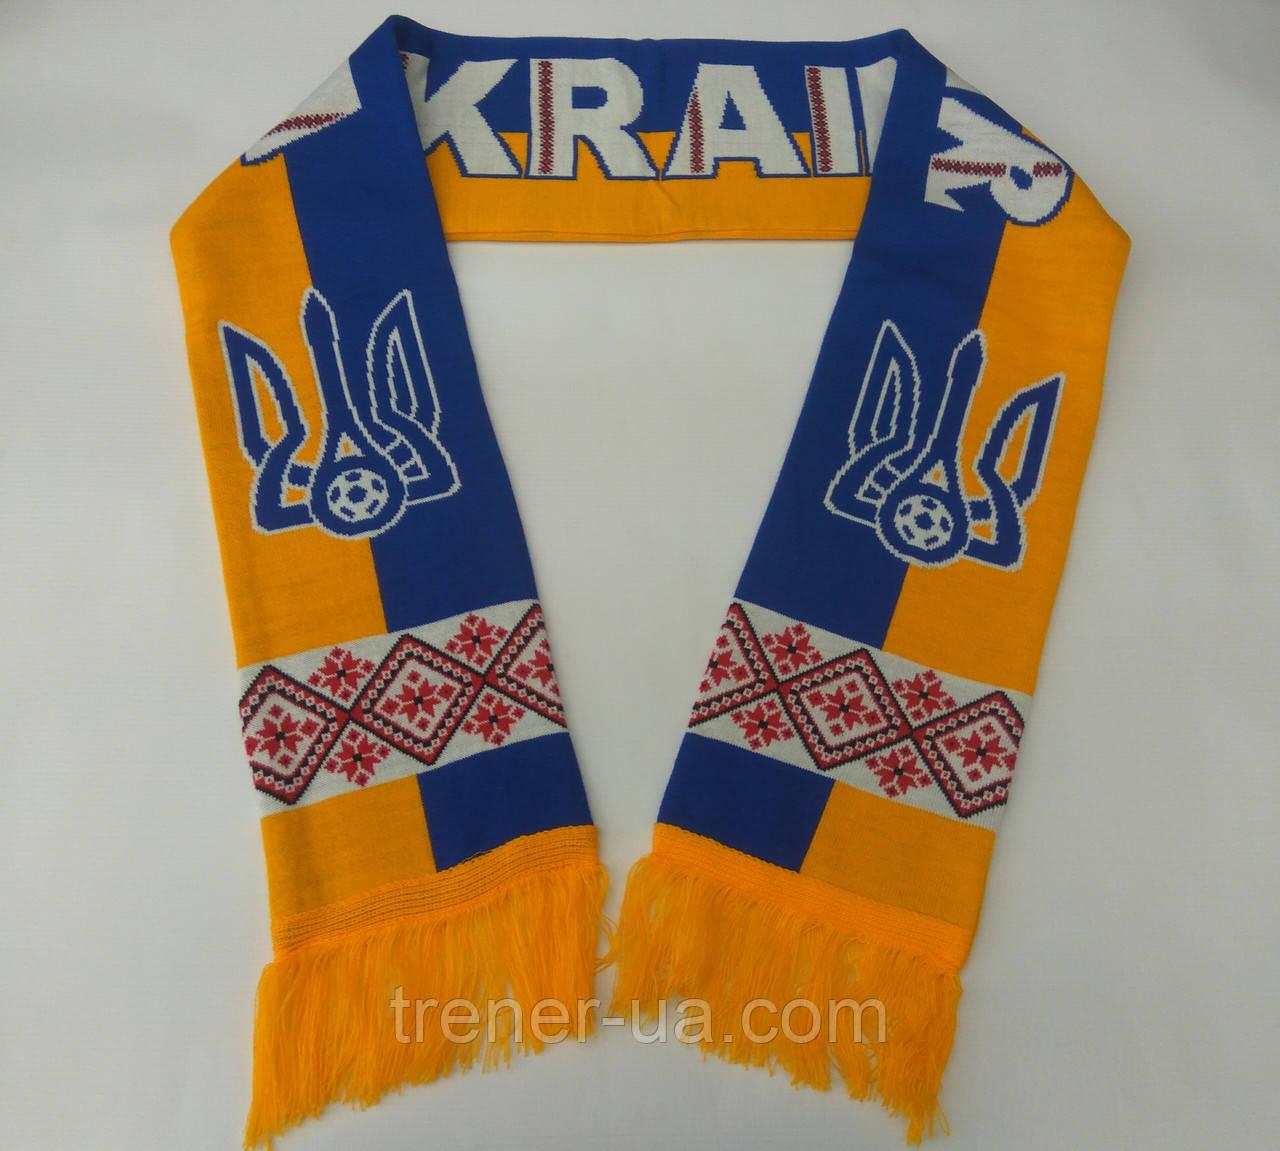 Шарф футбольный/сборная Украины/вязаный шарф для футбольного фаната/футбол/шарф футбольный сувенирный/Украина/